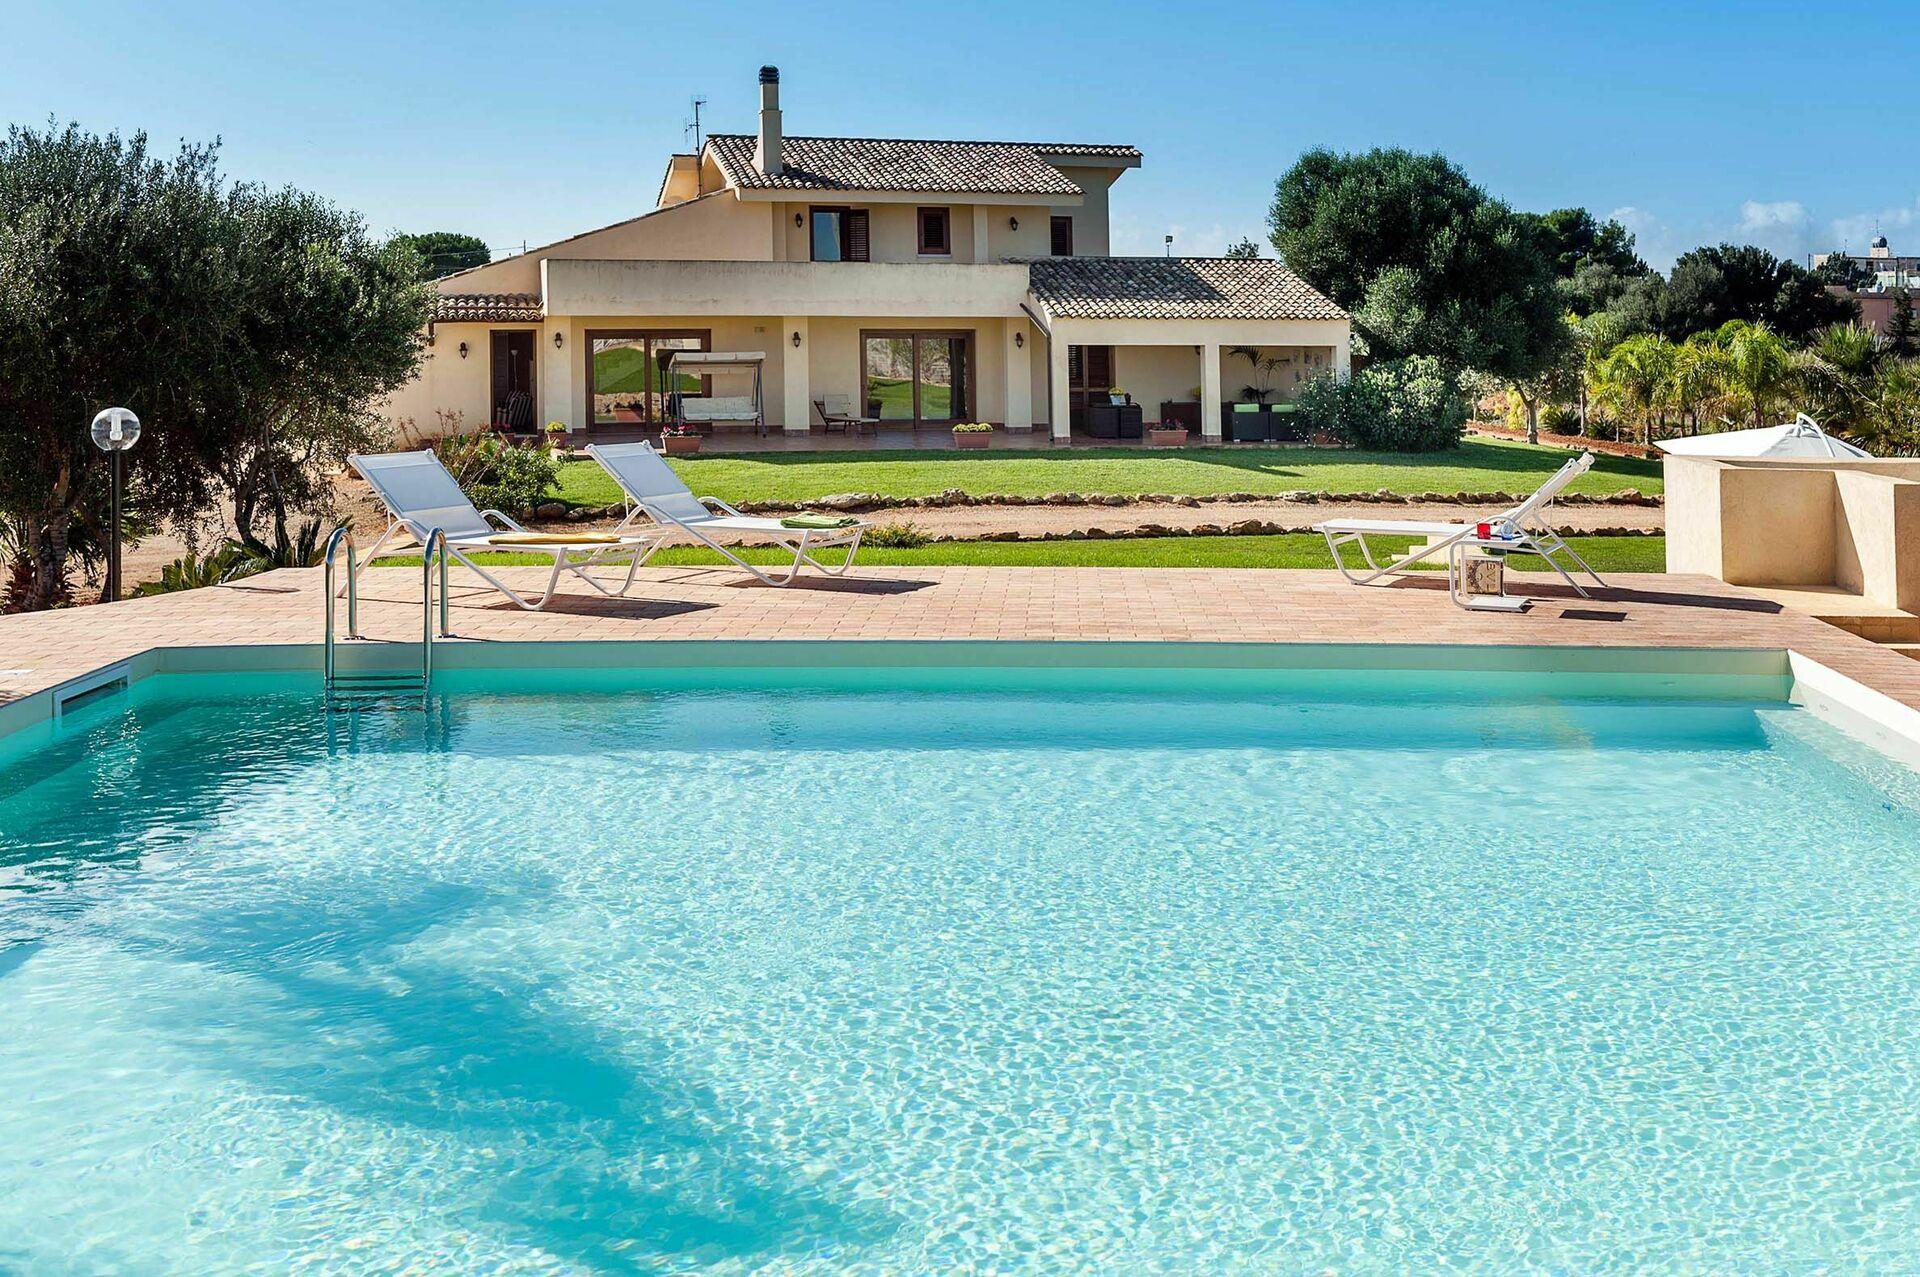 Villa laura villa vacation rental in marsala sicily 8 sleeps in 4 bedrooms villa in marsala - Affitto villa piscina interna ...